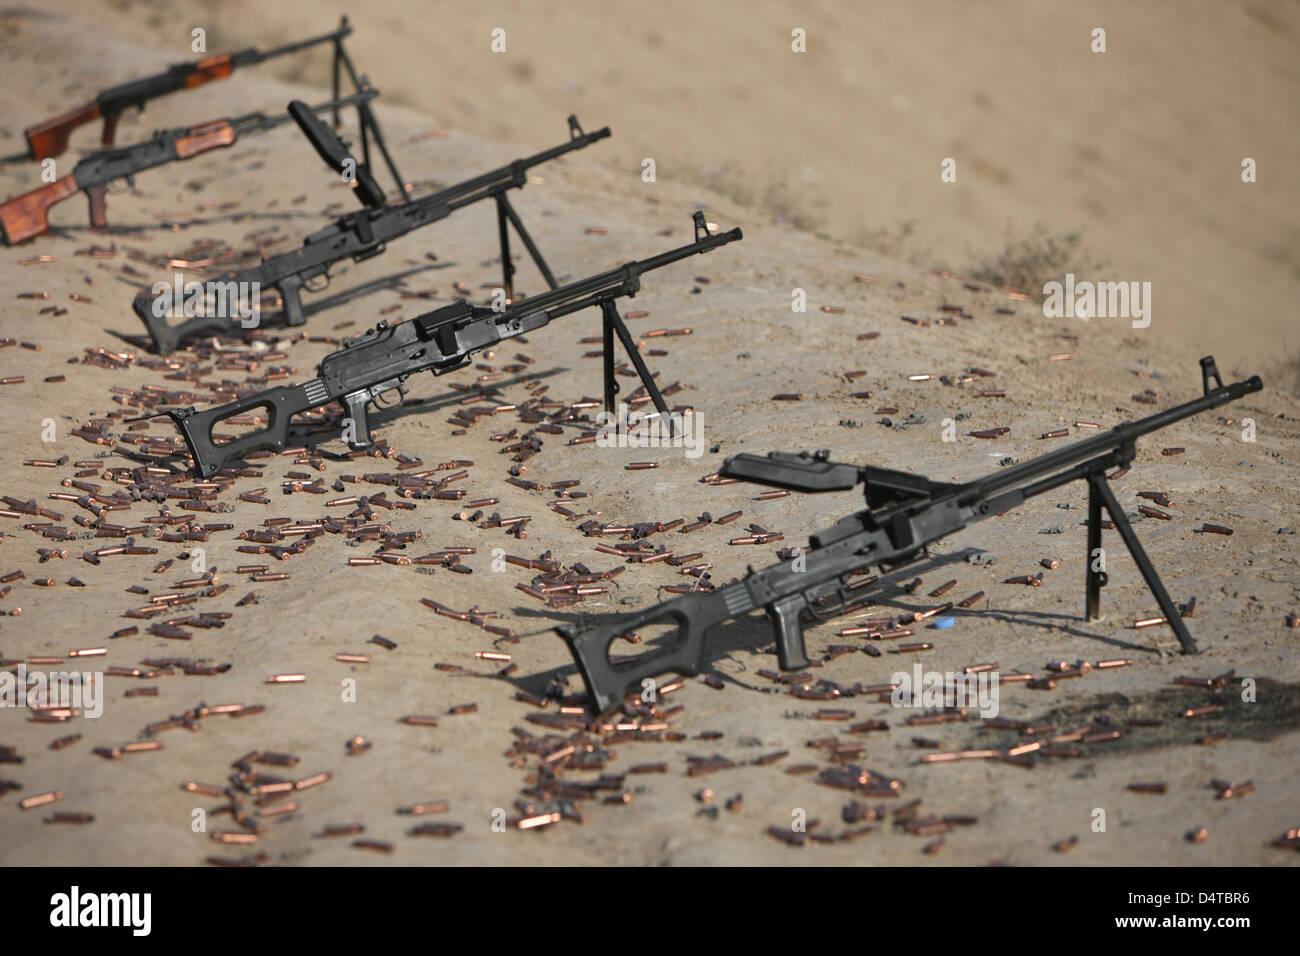 PK mitragliatrici e cartucce trascorso presso il poligono di tiro. Immagini Stock